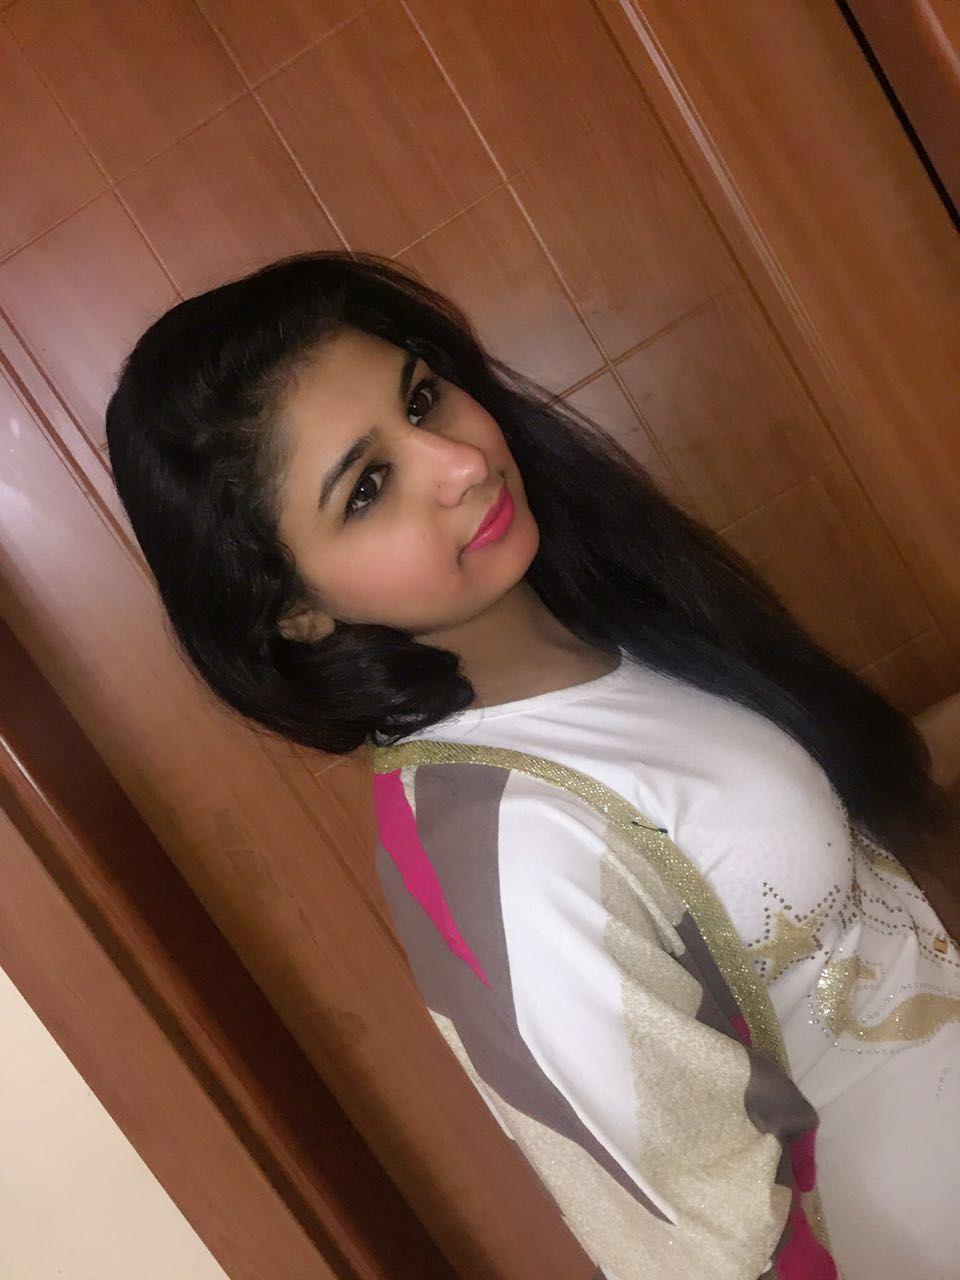 female domination pakistani escort service in dubai